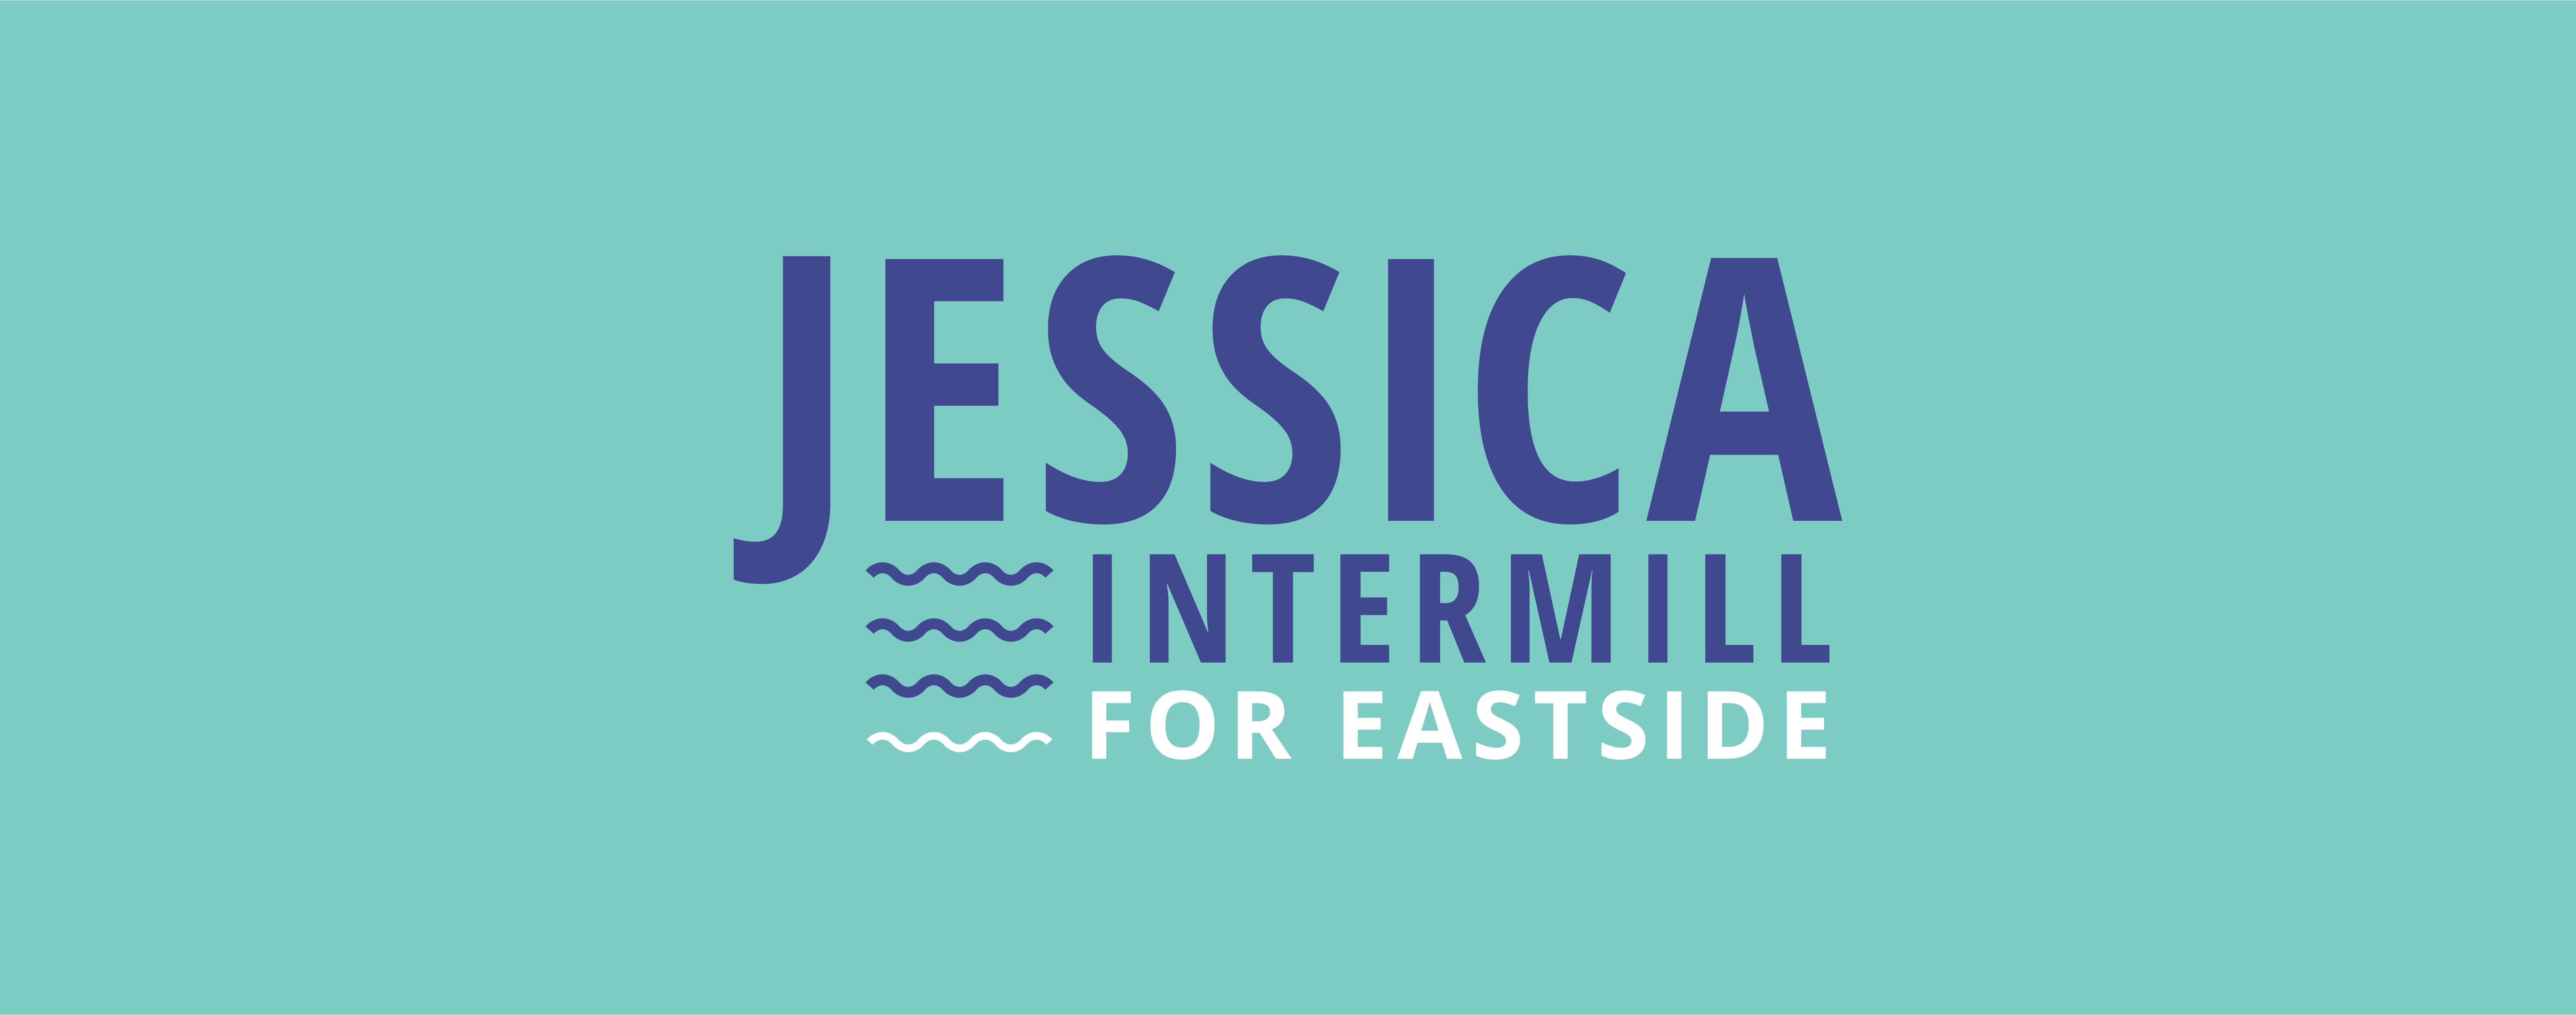 Jessica Intermill